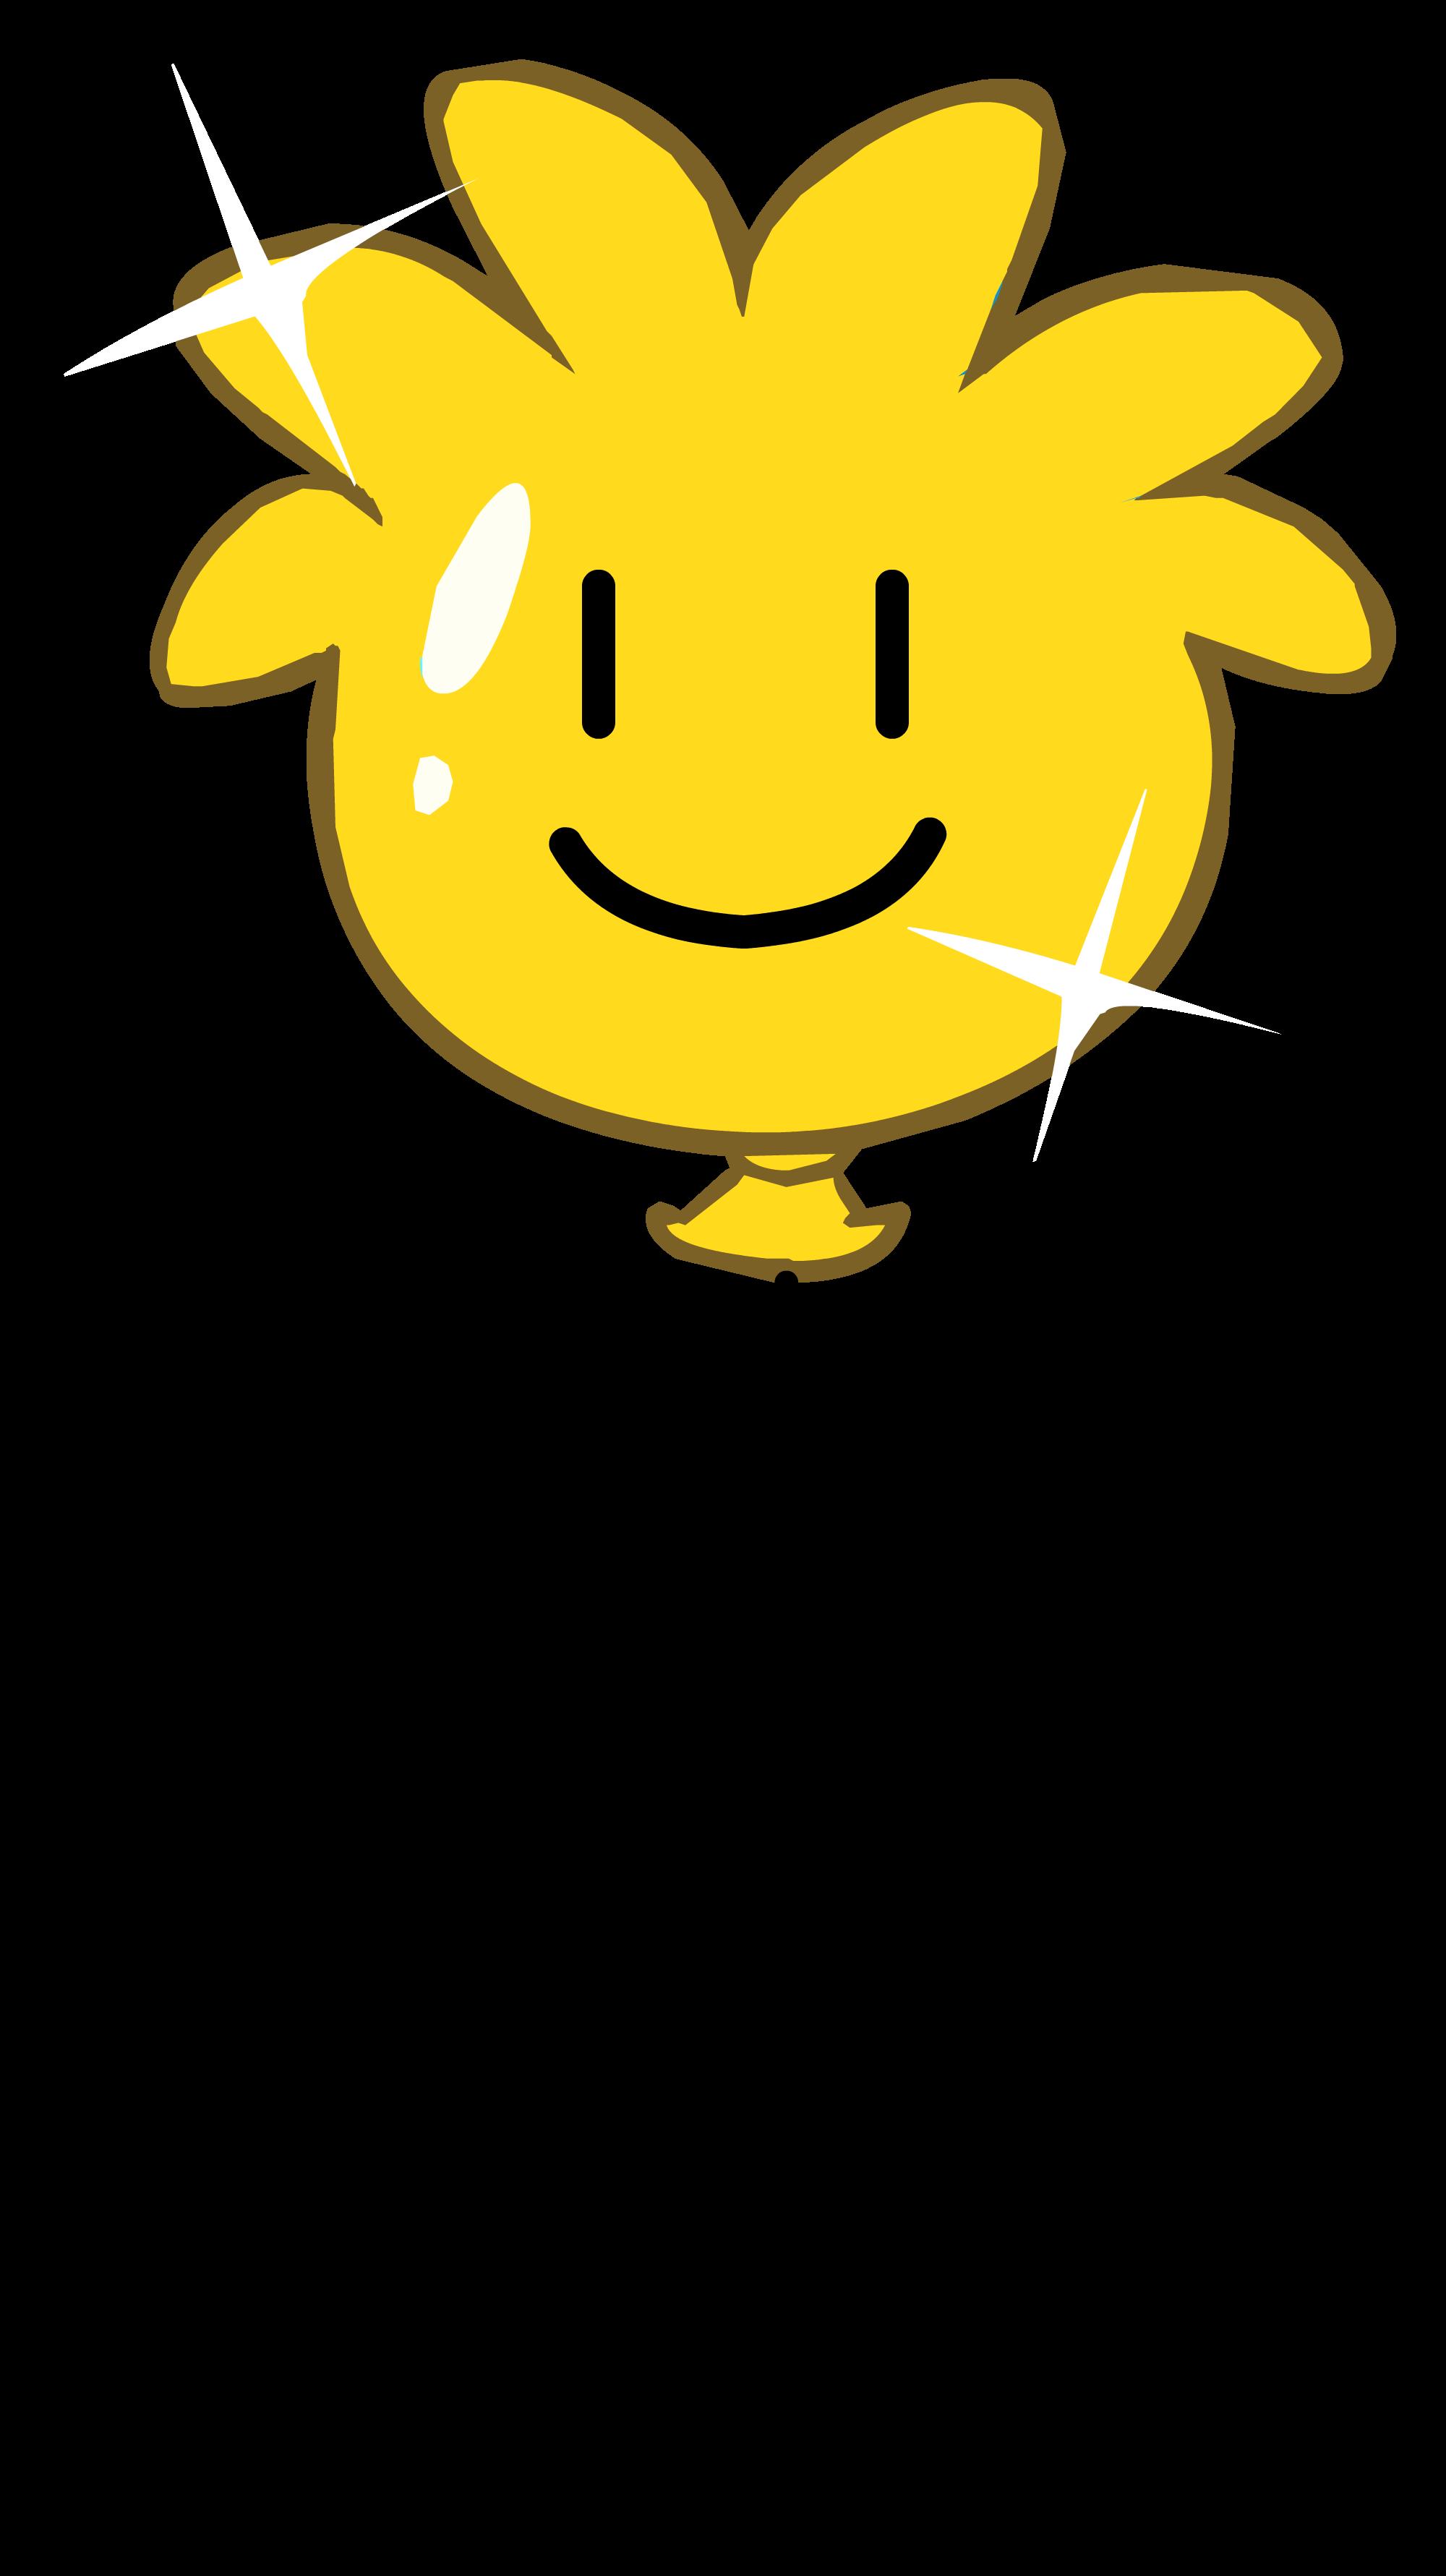 Globo de Puffle Dorado